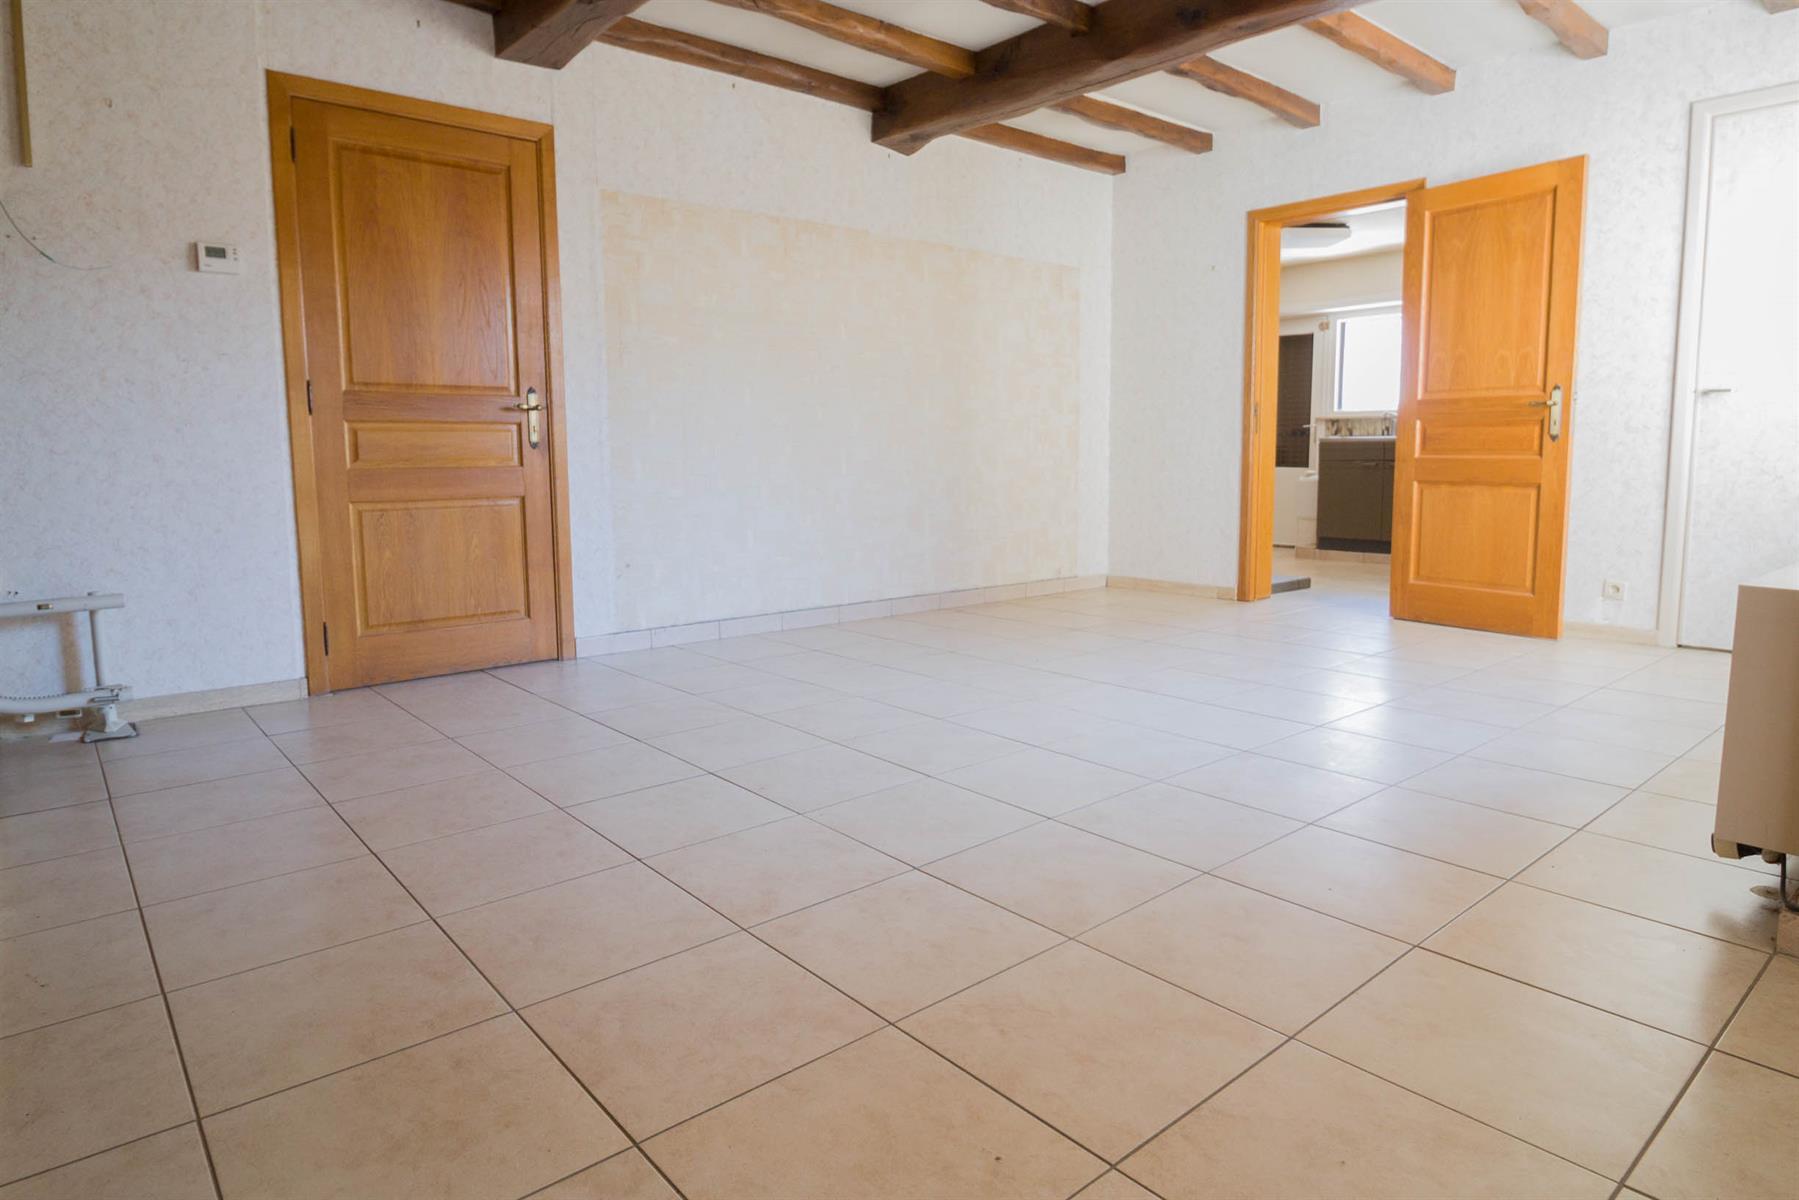 Maison - Trazegnies - #4344336-5